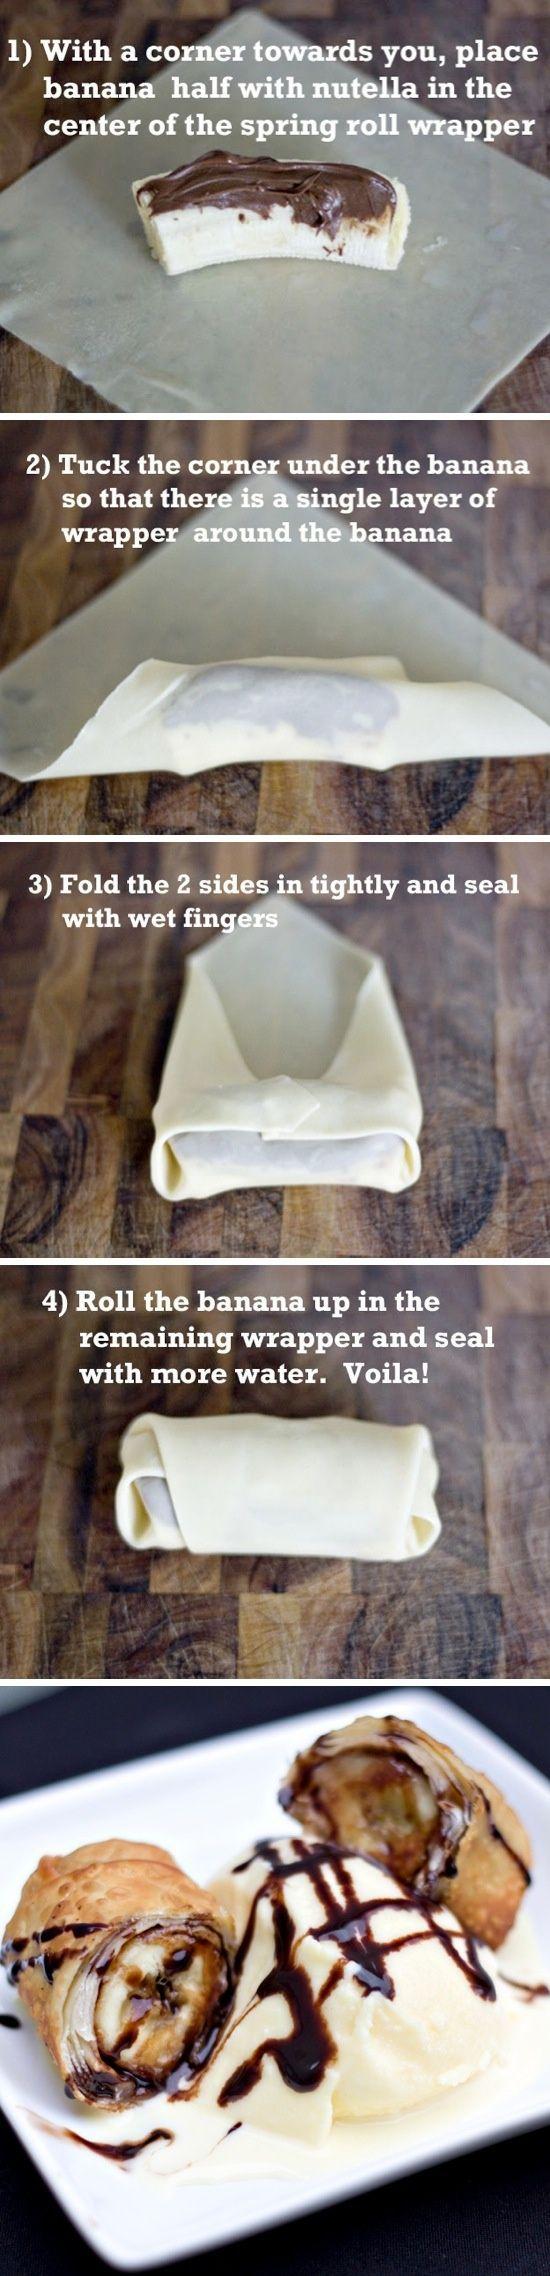 Banana Nutella Desse     Banana Nutella Dessert Rolls